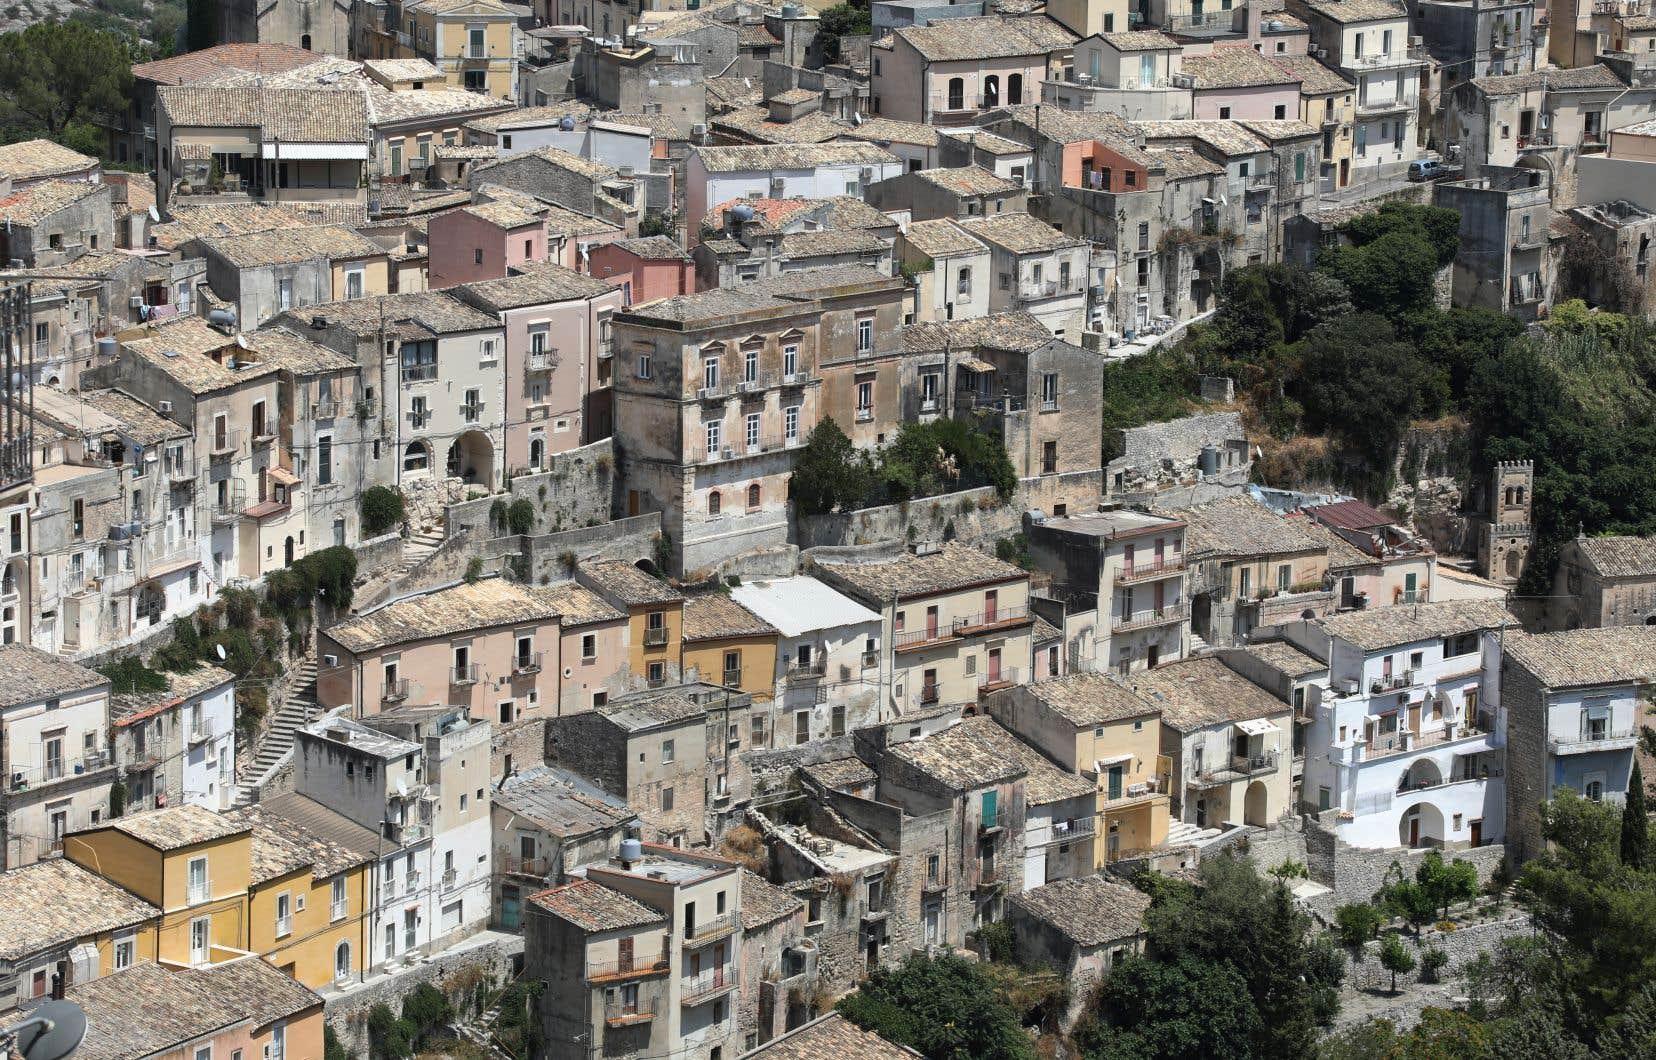 Si Esther Kinsky cherche, dans «Le bosquet», les morts parmi les vivants en Italie, Dominique Fernandez, lui, dans «L'Italie buissonnière», y ramène à la vie ce qui à plusieurs semble mort et inanimé depuis des siècles.